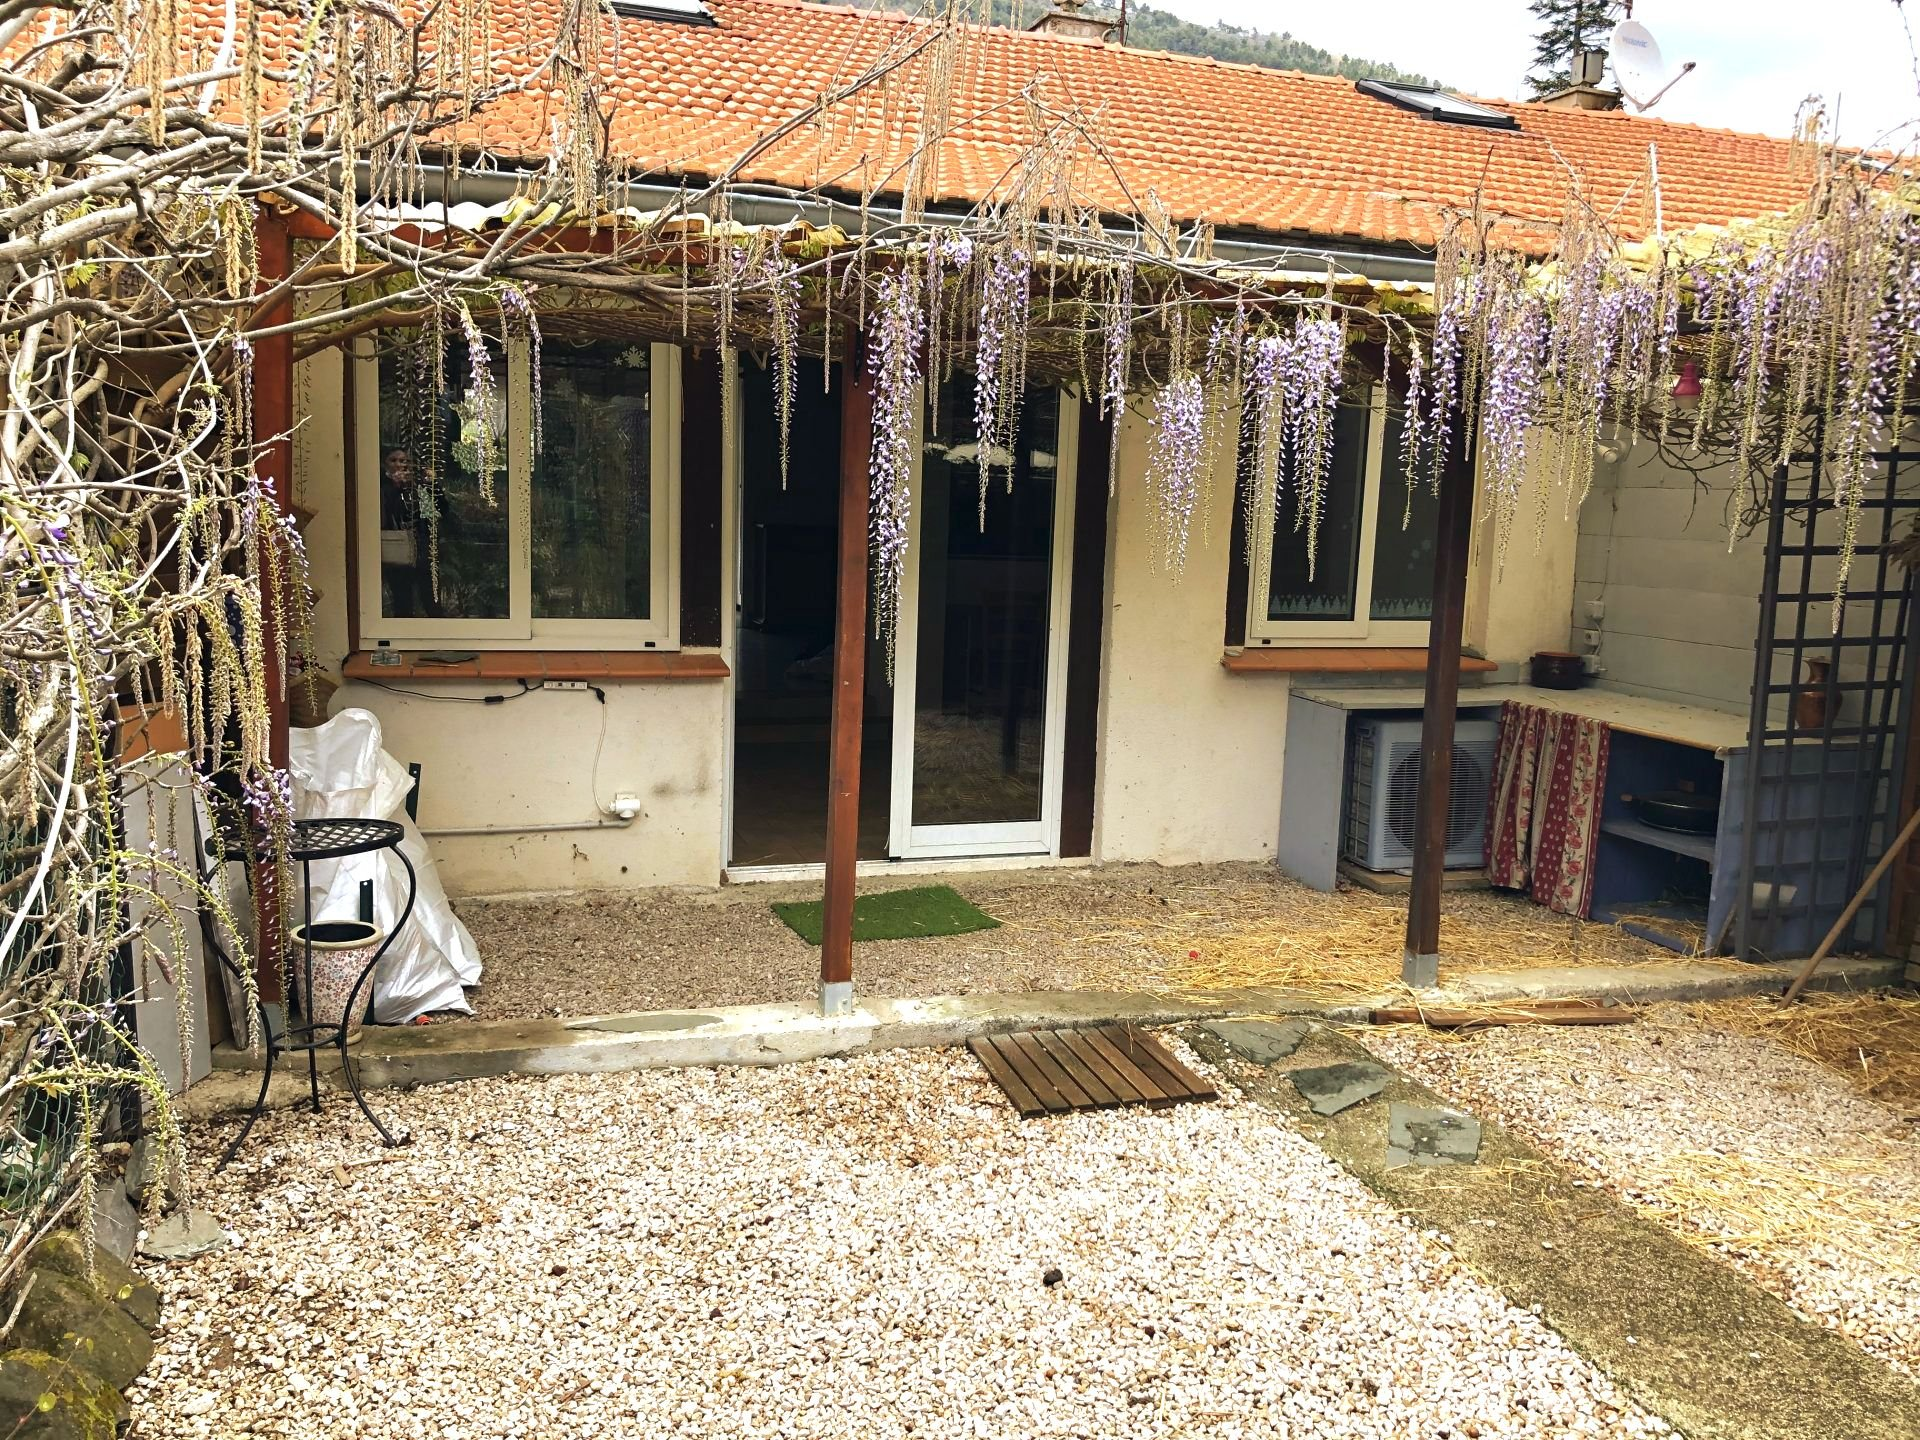 Vendita Casa a schiera - Sospello (Sospel)